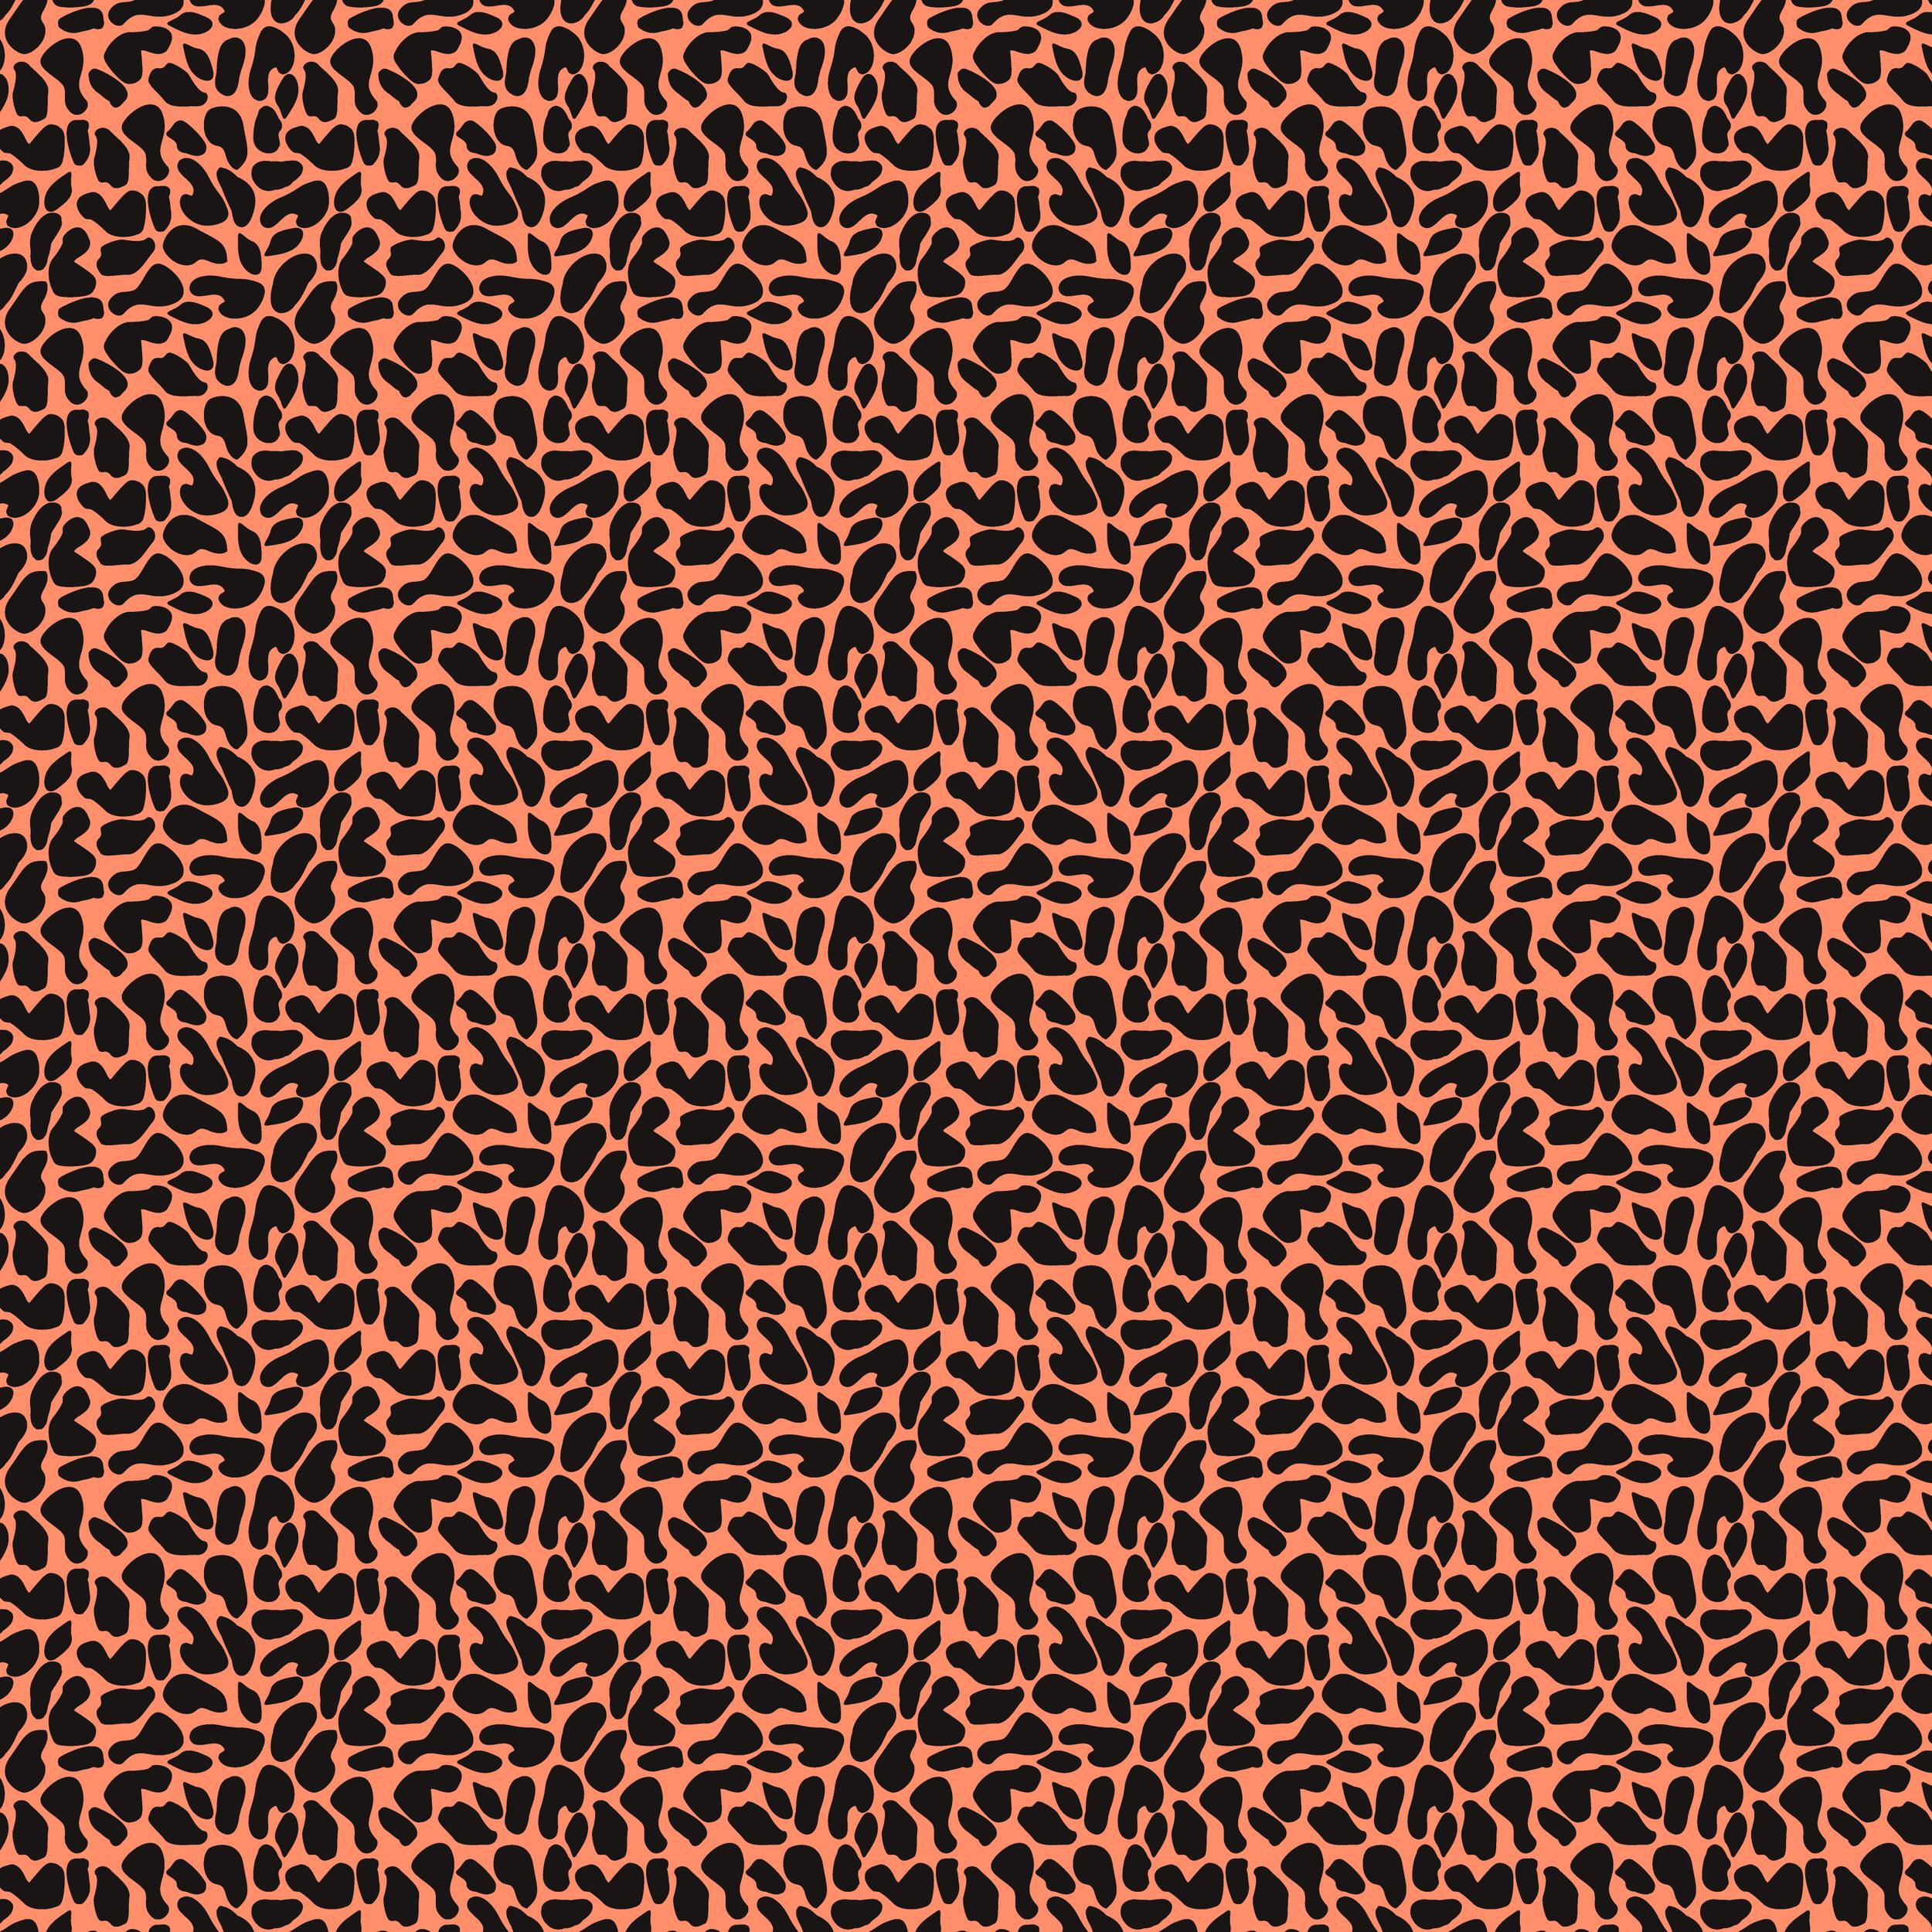 Leopard Patterns_Peach_300 dpi.png